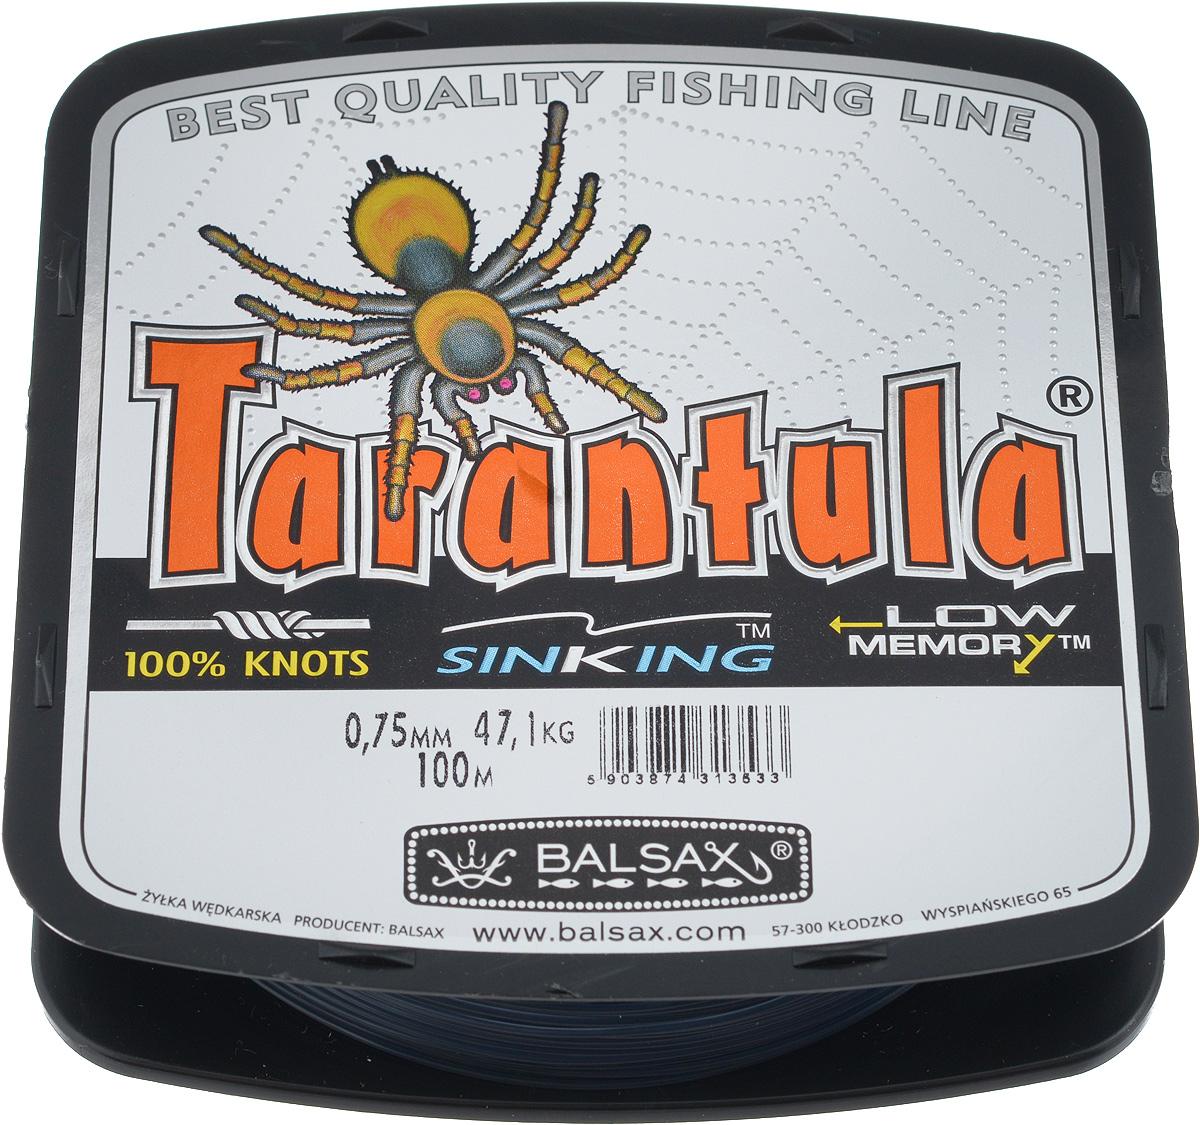 Леска Balsax Tarantula, 100 м, 0,75 мм, 47,1 кг304-09075Леска Balsax Tarantula выполнена из нейлоновой мононити. Новая молекулярная структура лески отличается повышенной сопротивляемостью к разрыву, но при этом она способна и растягиваться. Растяжимость в случае применения этой лески является отличным достоинством, особенно во время энергичной борьбы с рыбой, как амортизатор защищая оснастку от обрыва.